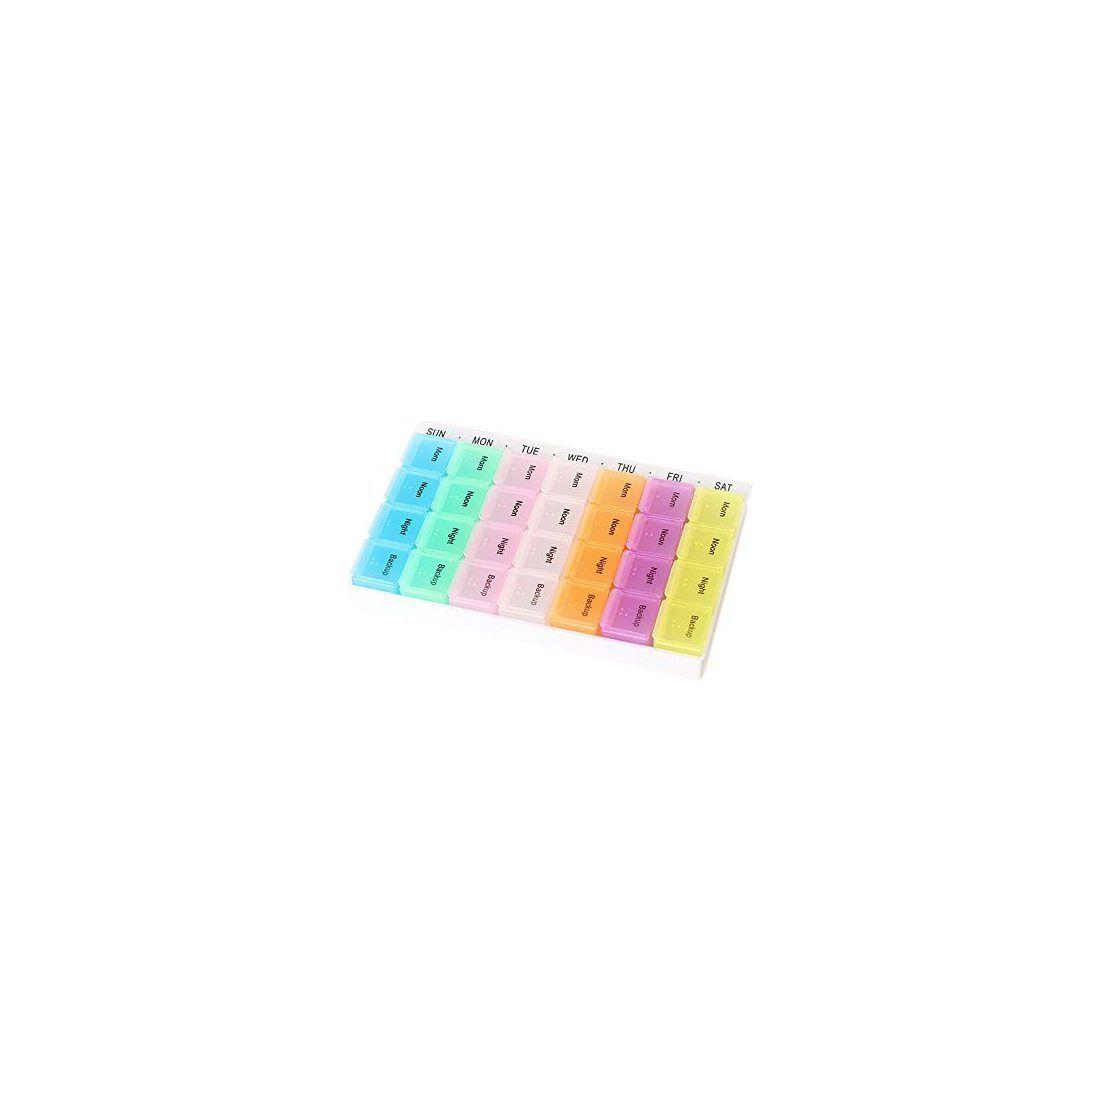 Cisixin Boîte à Pilules en Plastique Pilulier Semainier 7 jours 28 Compartiments Détachables Multicolore Matin/Midi/Soir/Nuit